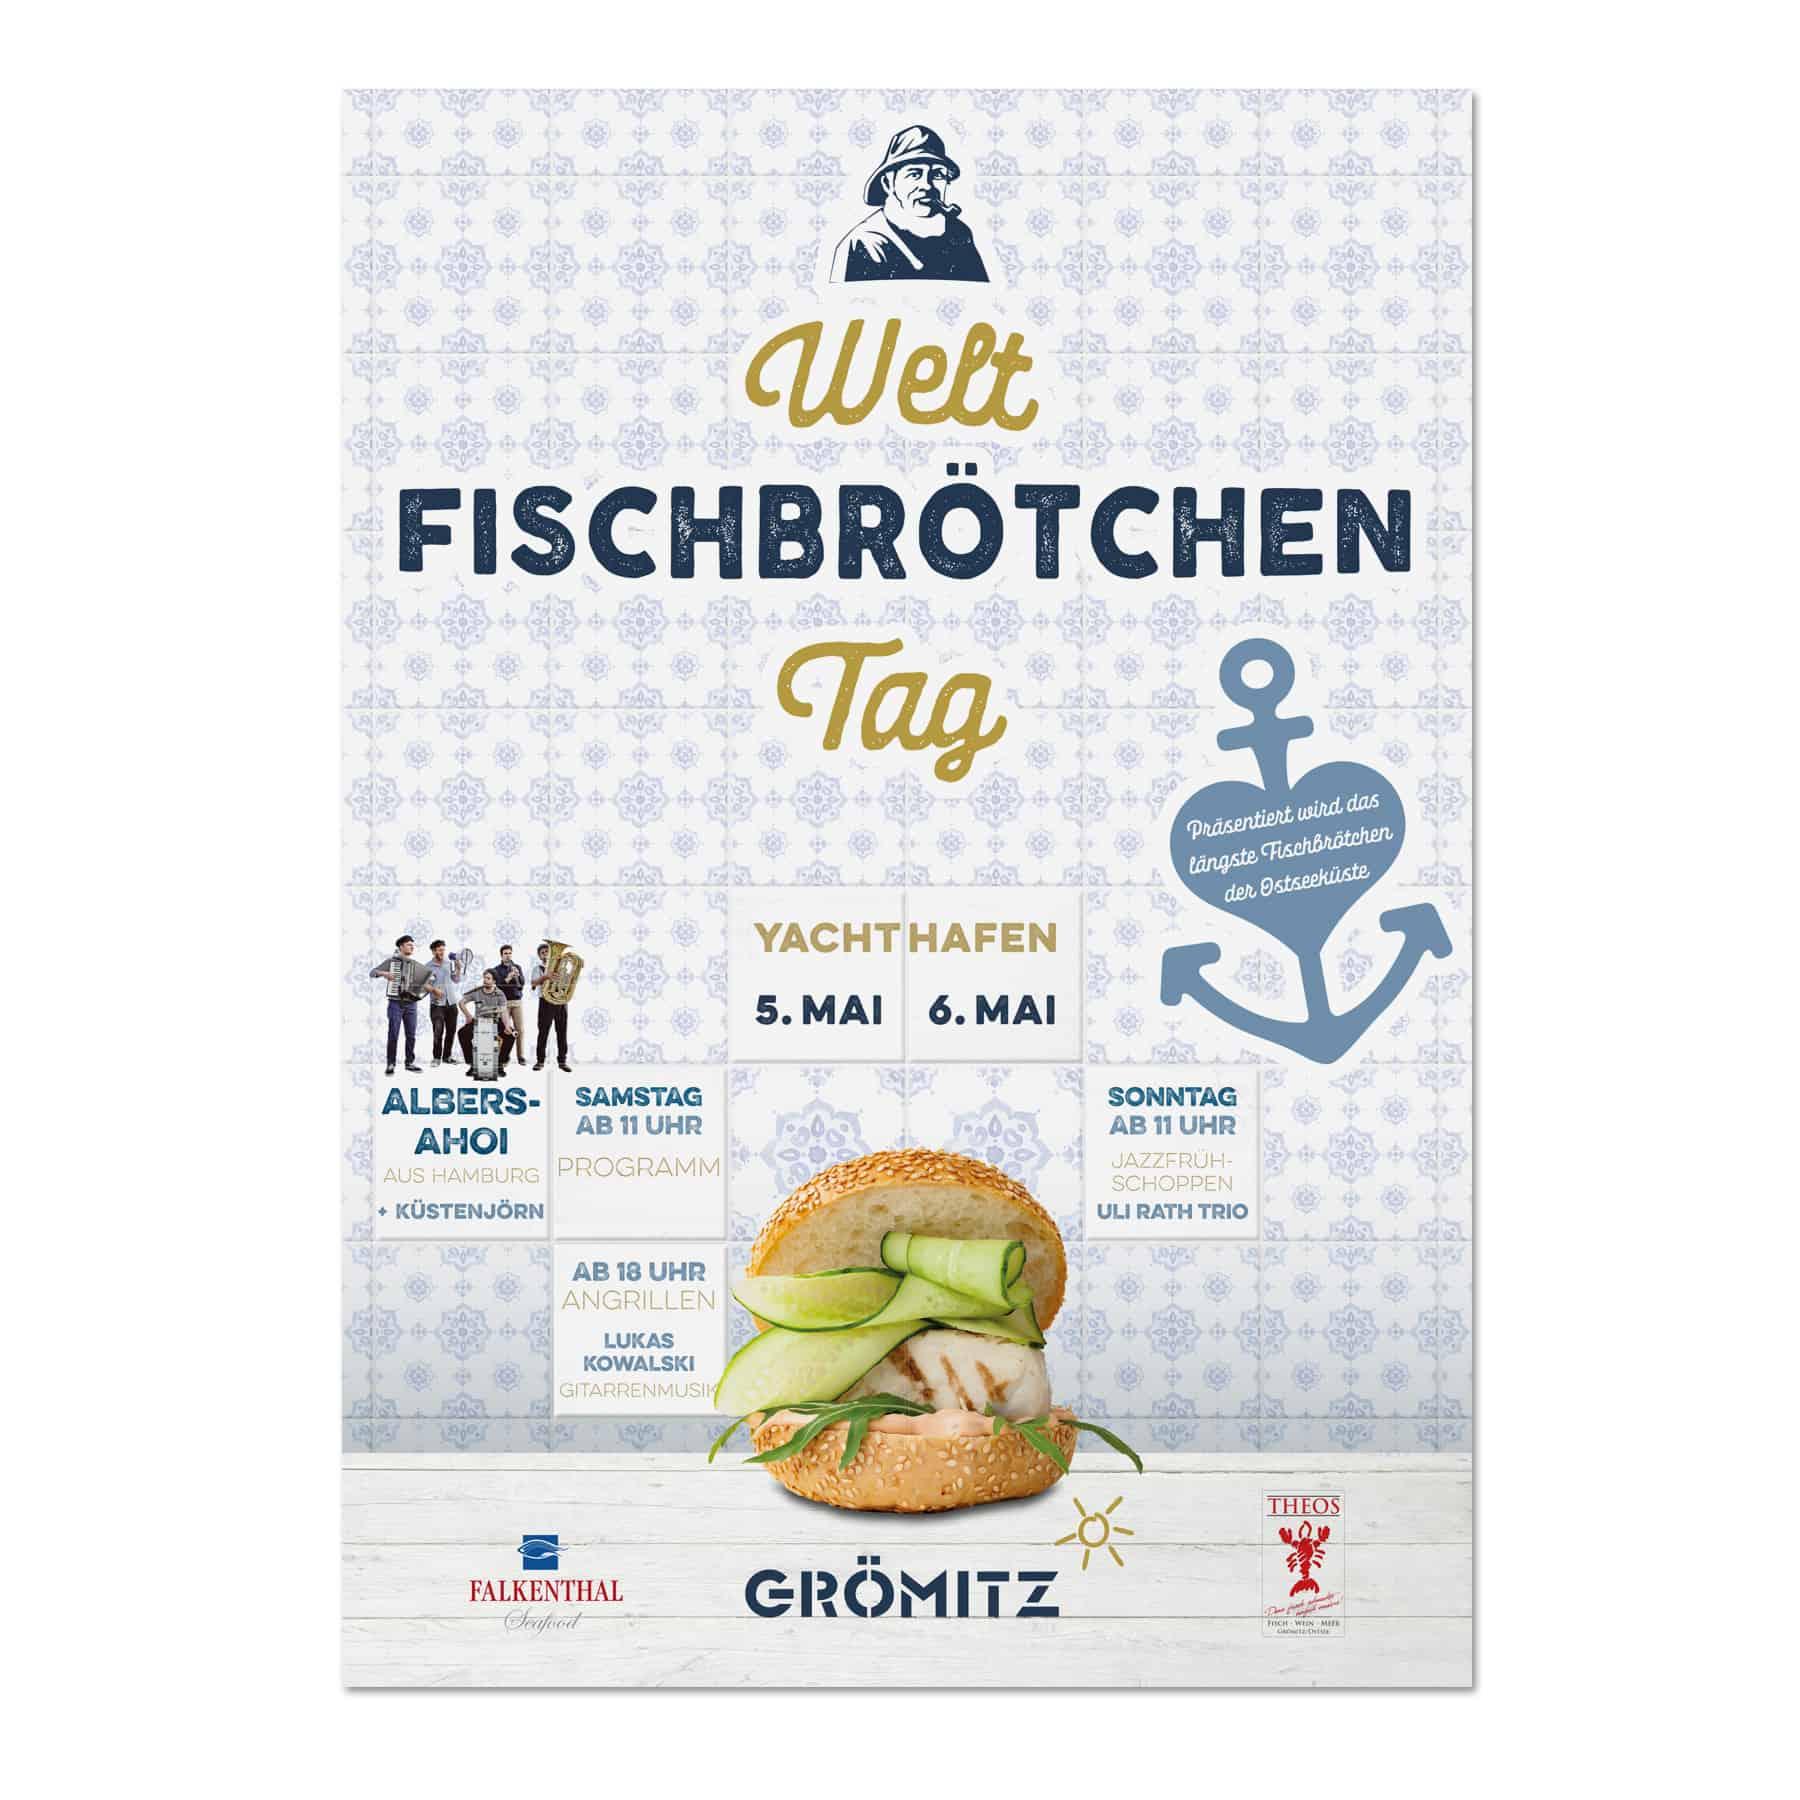 La Deutsche Vita - Drucksachen Plakat Weltfischbrötchentag Grömitz